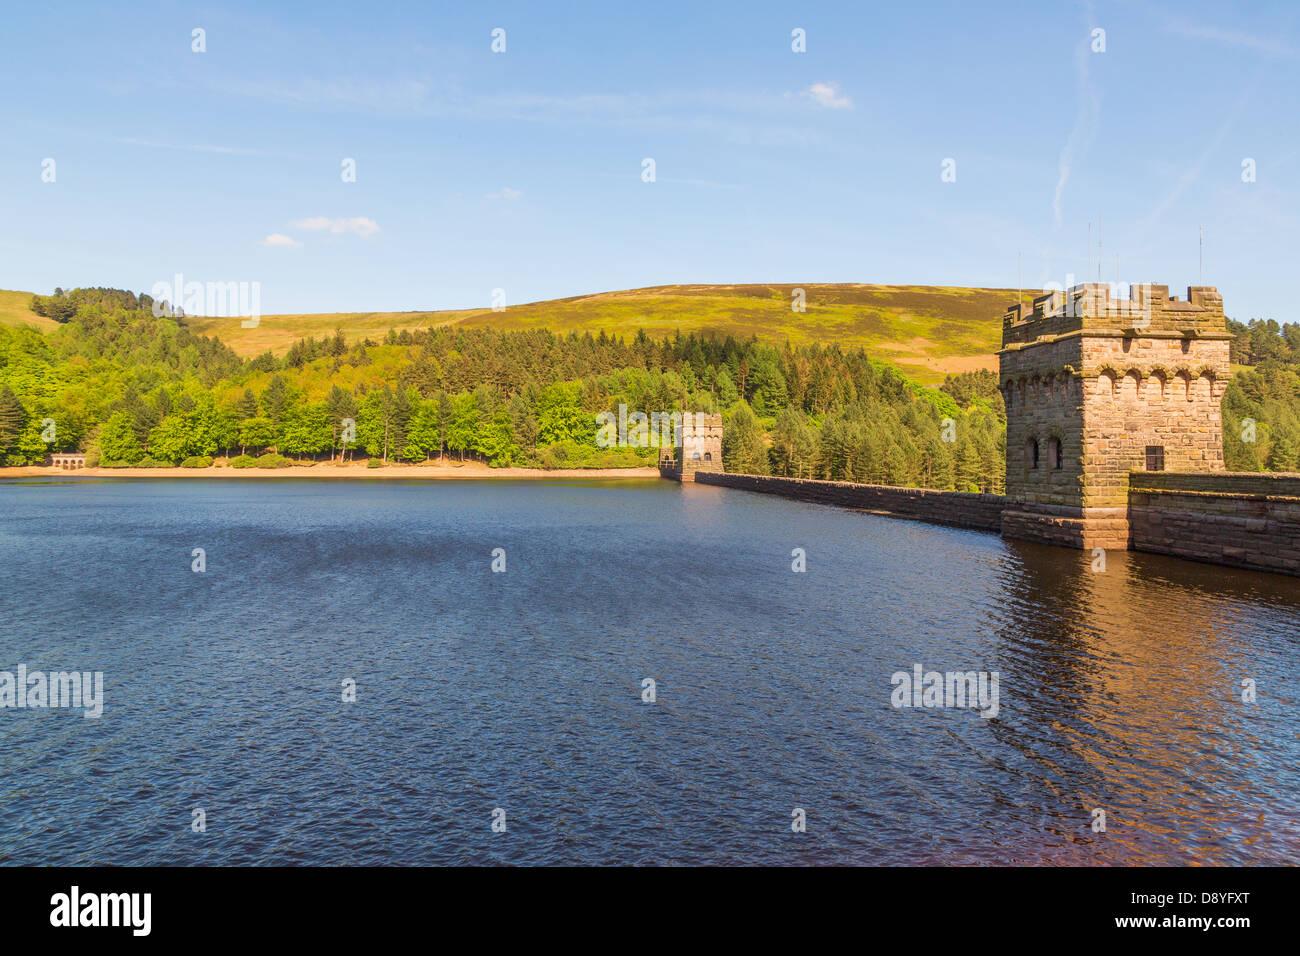 Derwent Dam, Peak District, Derbyshire, England, UK - Stock Image